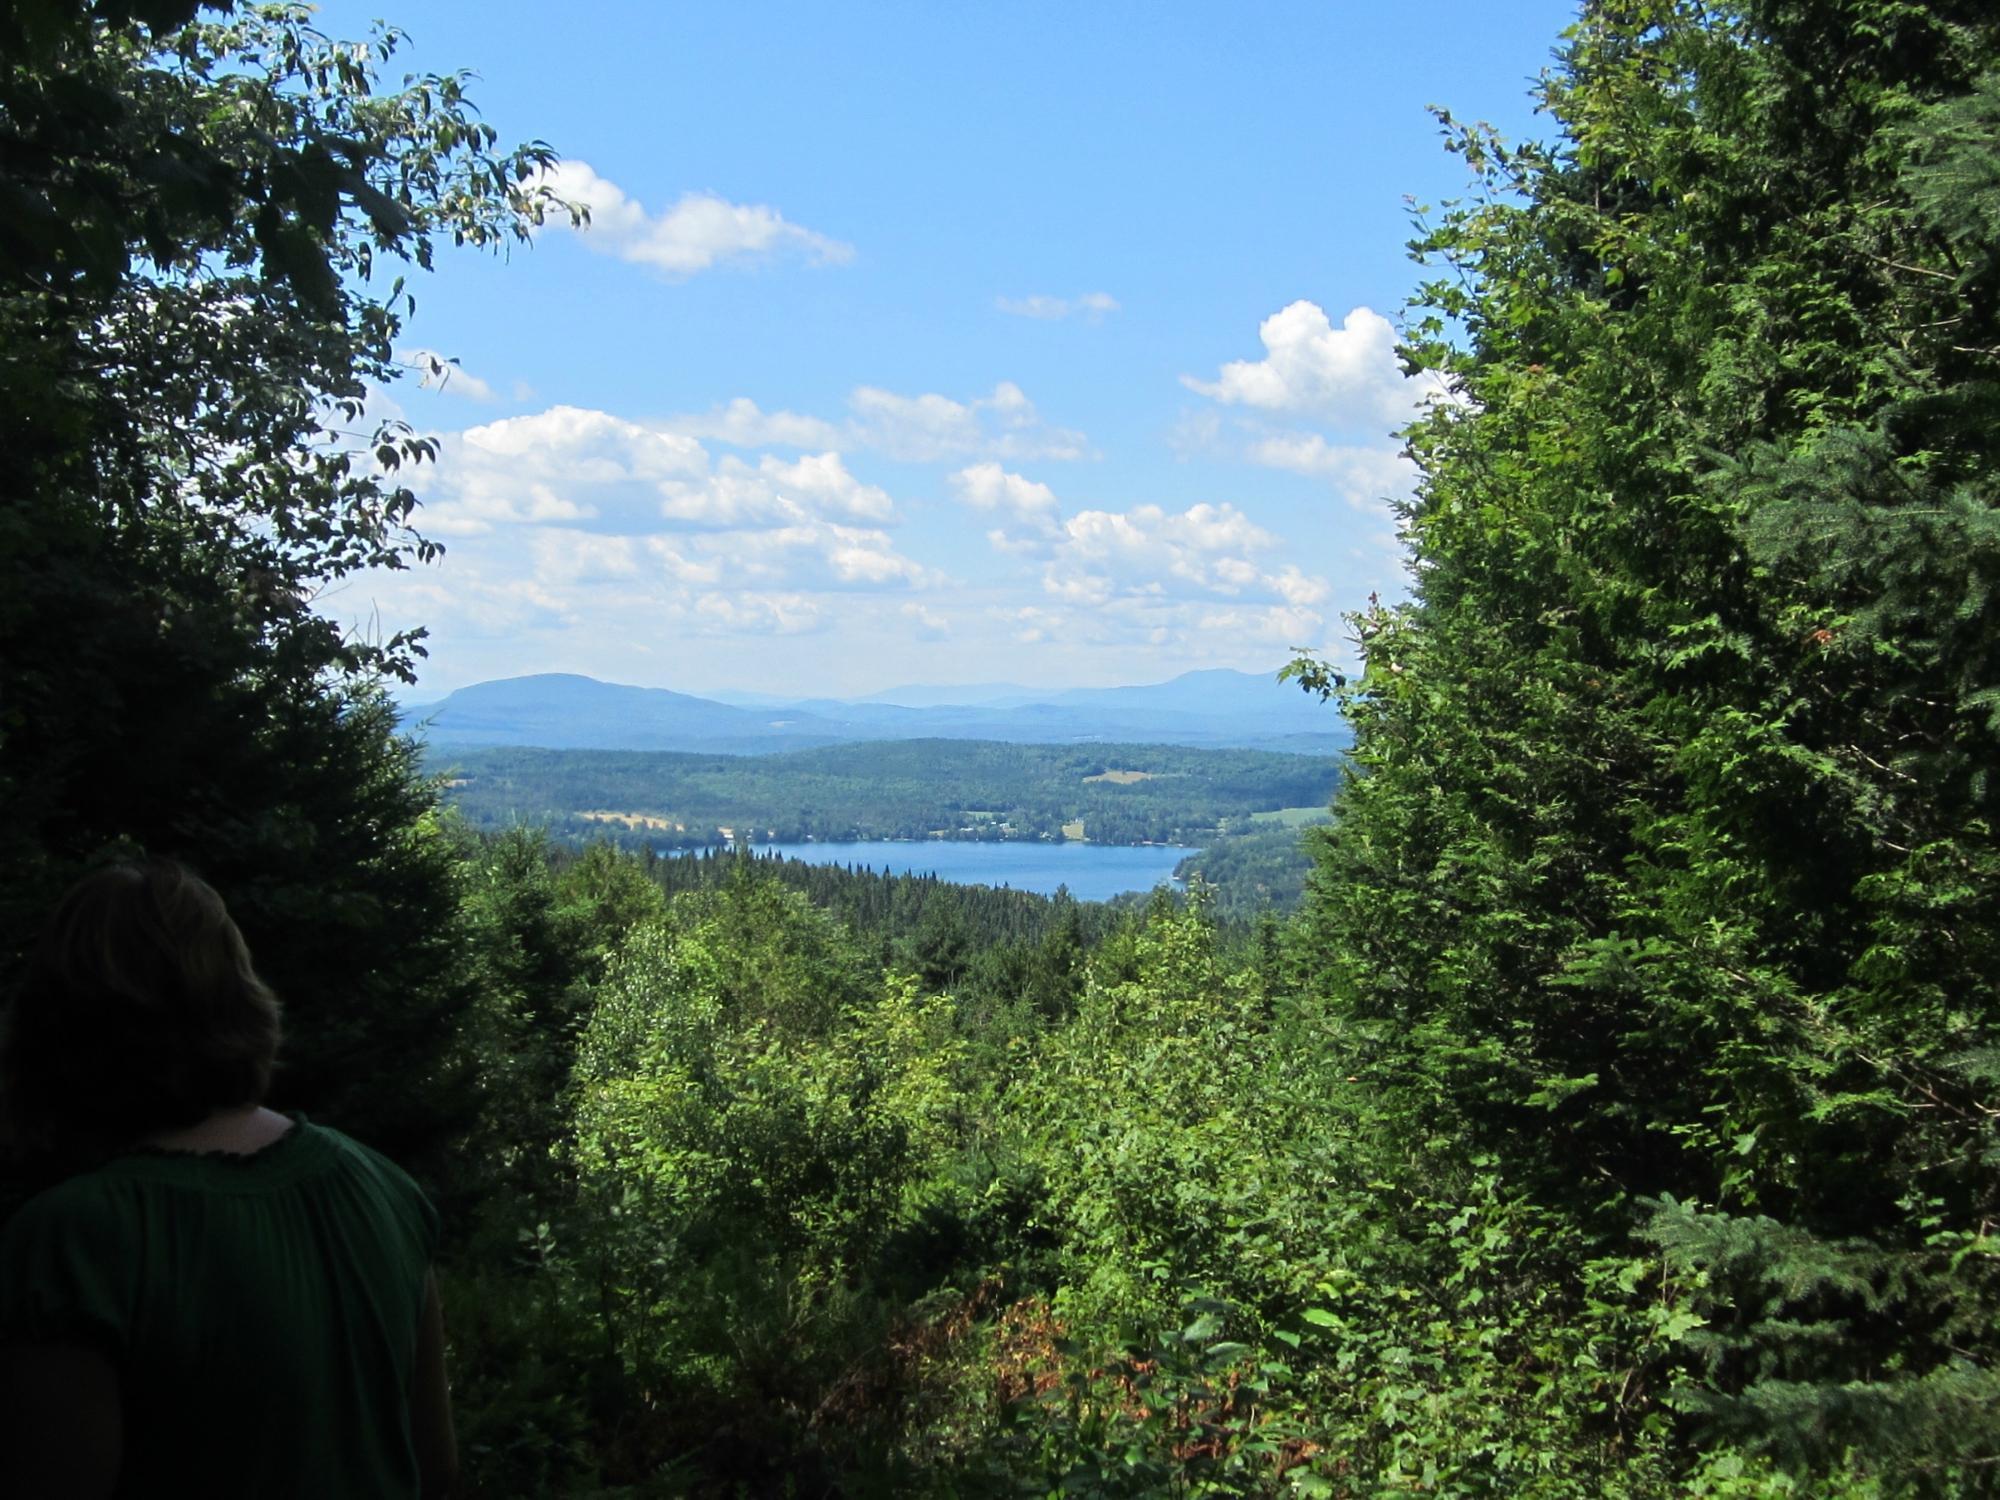 magnifica vistas de paisajes en greensbore